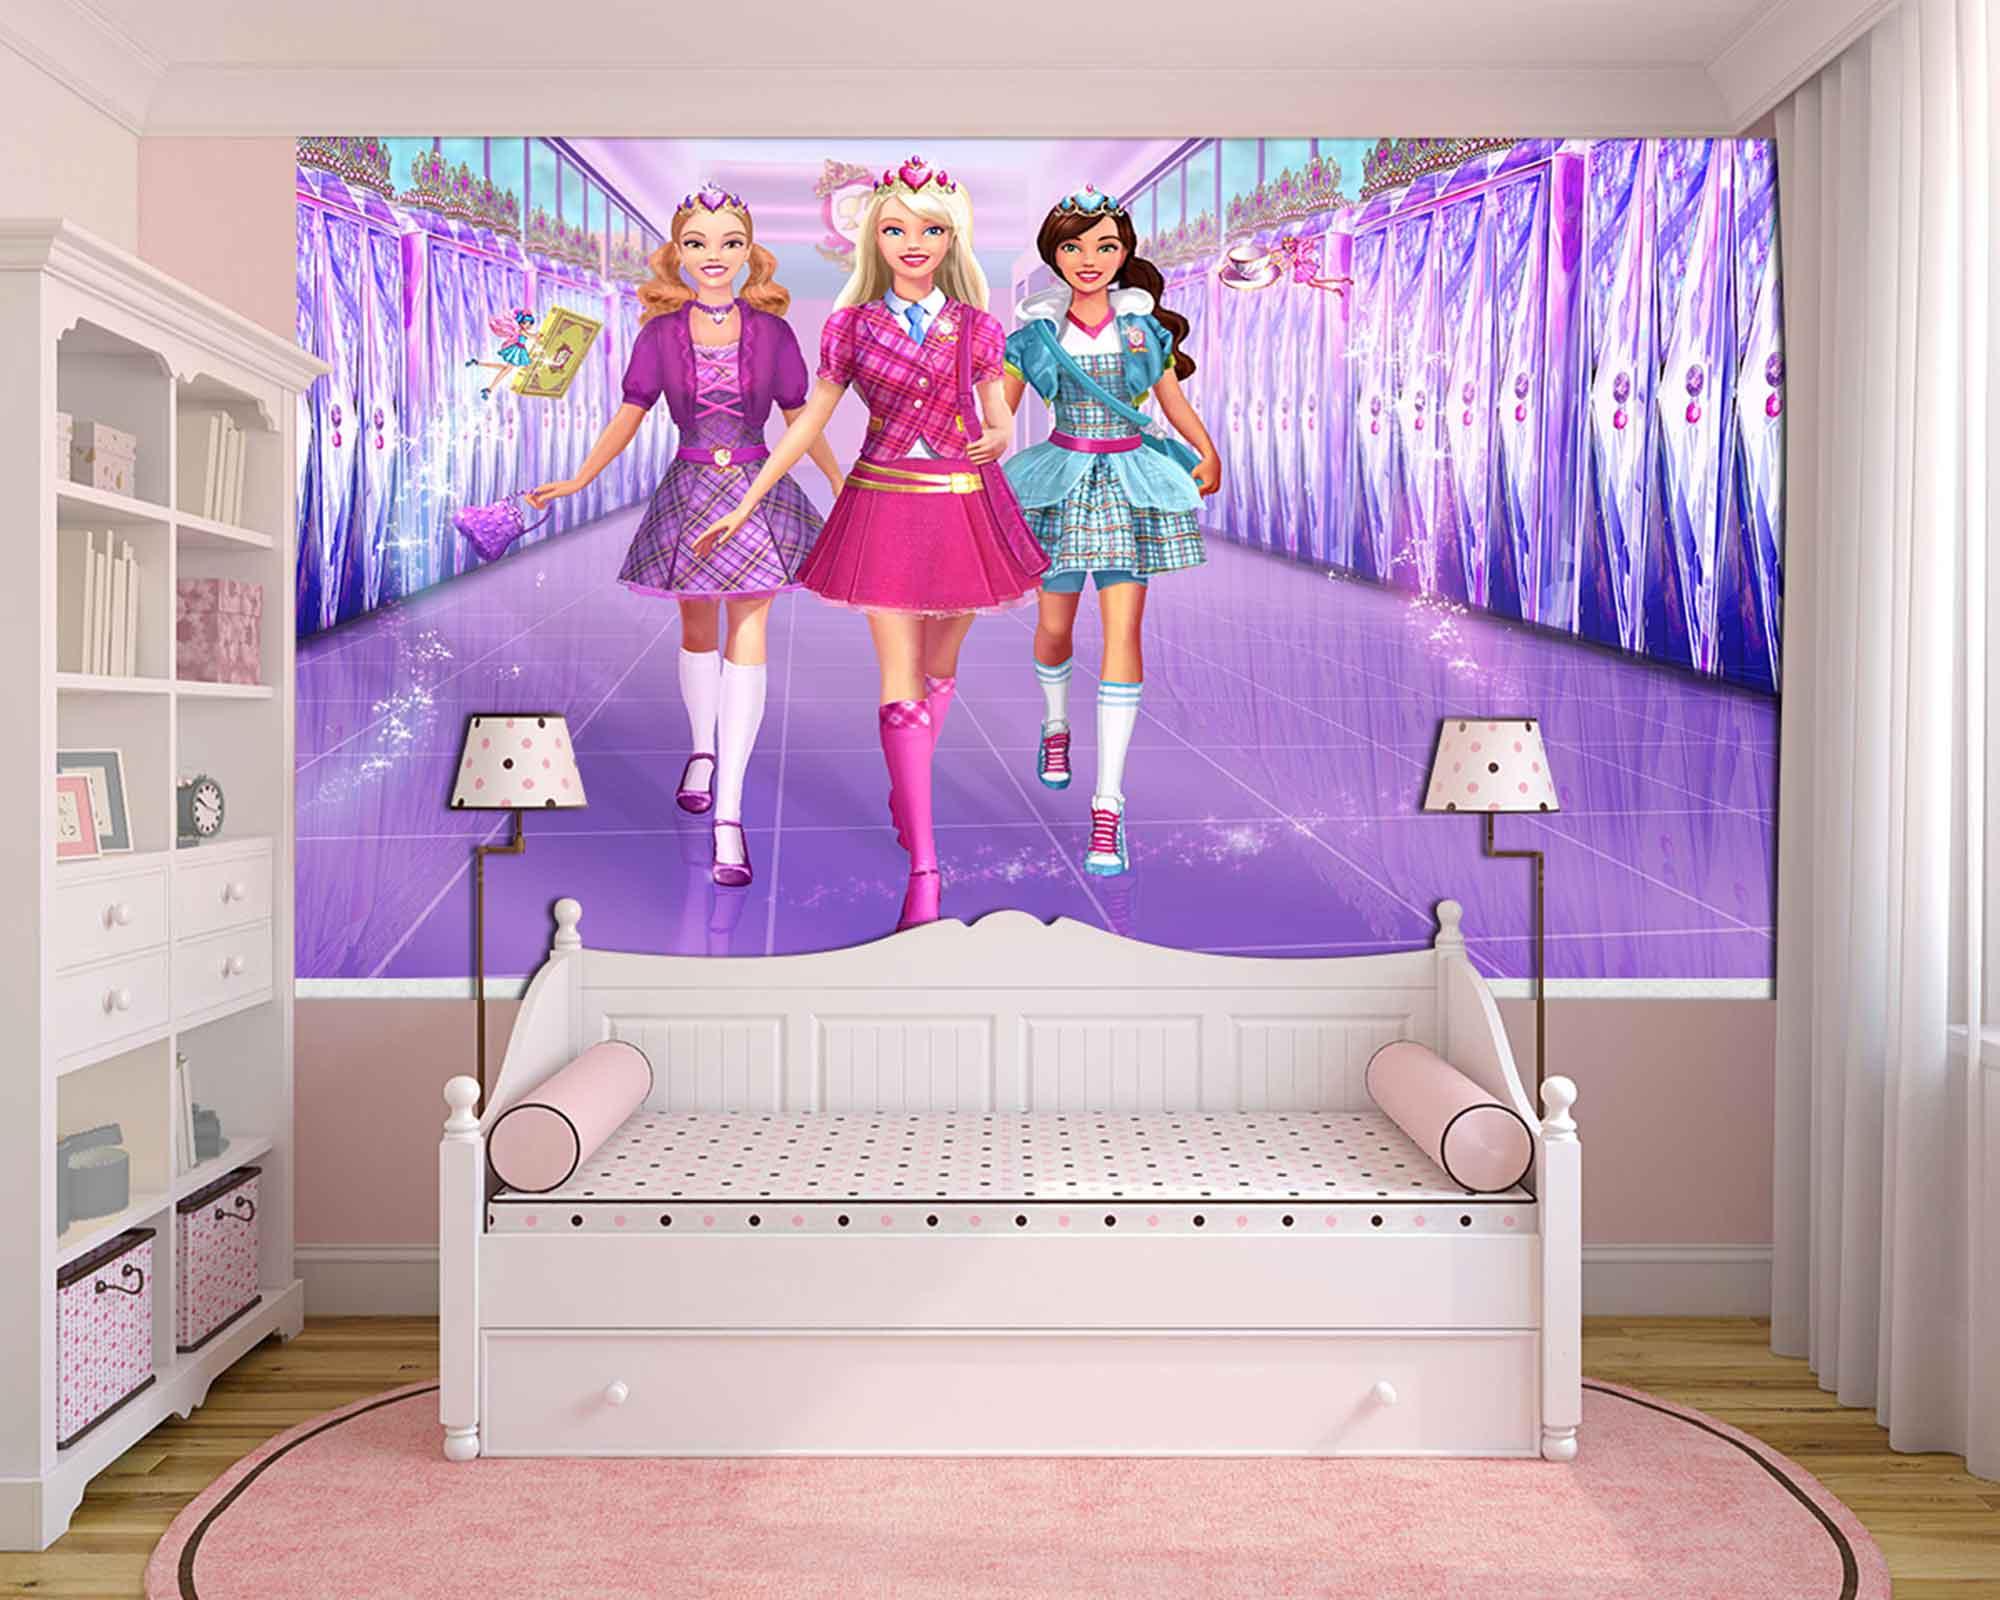 Papel De Parede 3D | Papel de Parede Infantil Barbie 0003 - Sobmedida: m²